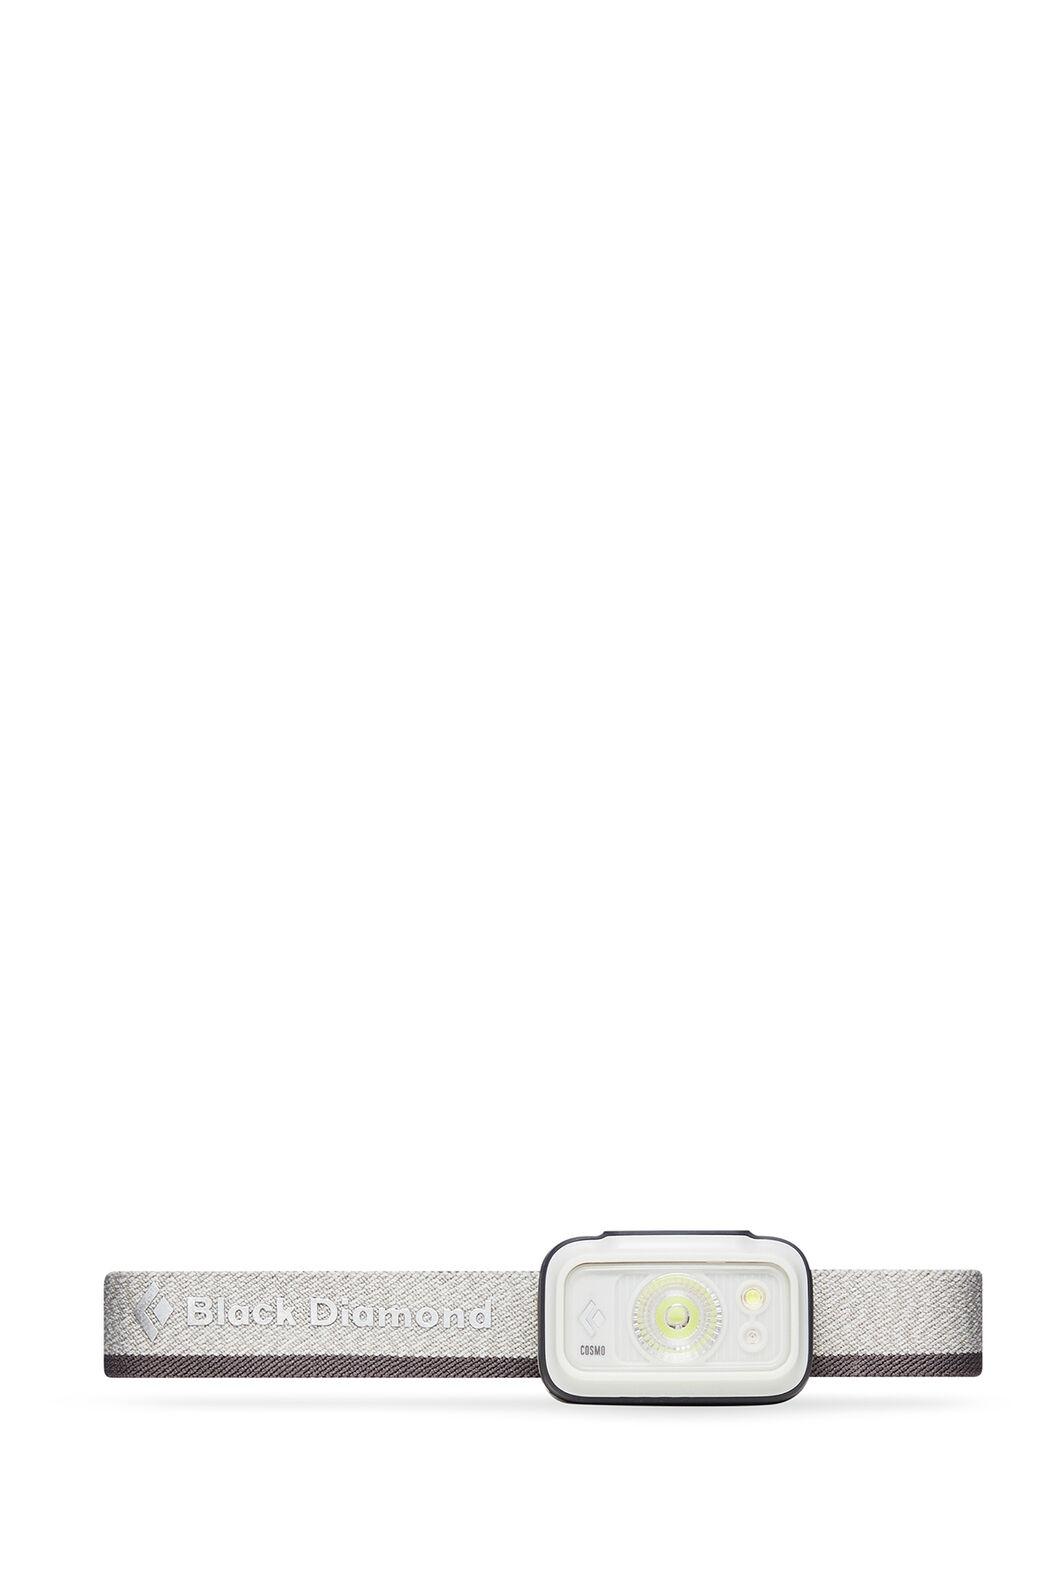 Black Diamond Cosmo 250 Headlamp, ALUMINIUM, hi-res